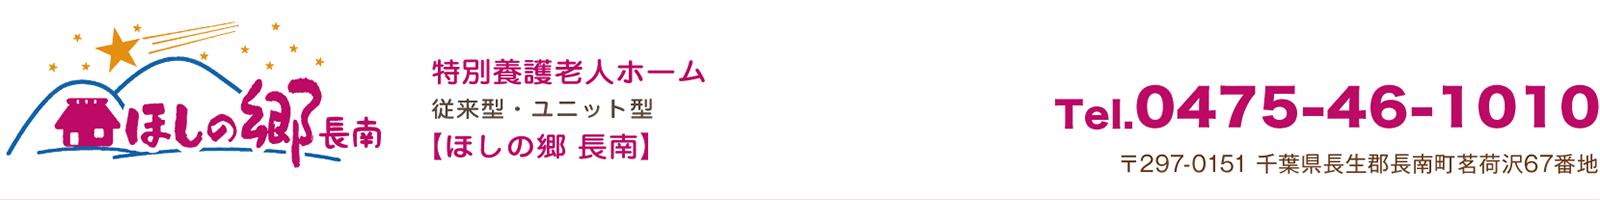 ほしの郷 特別養護老人ホーム 短期入所生活介護 TEL.0475-35-0505 〒297-0215 千葉県長生郡長柄町鴇谷982番地